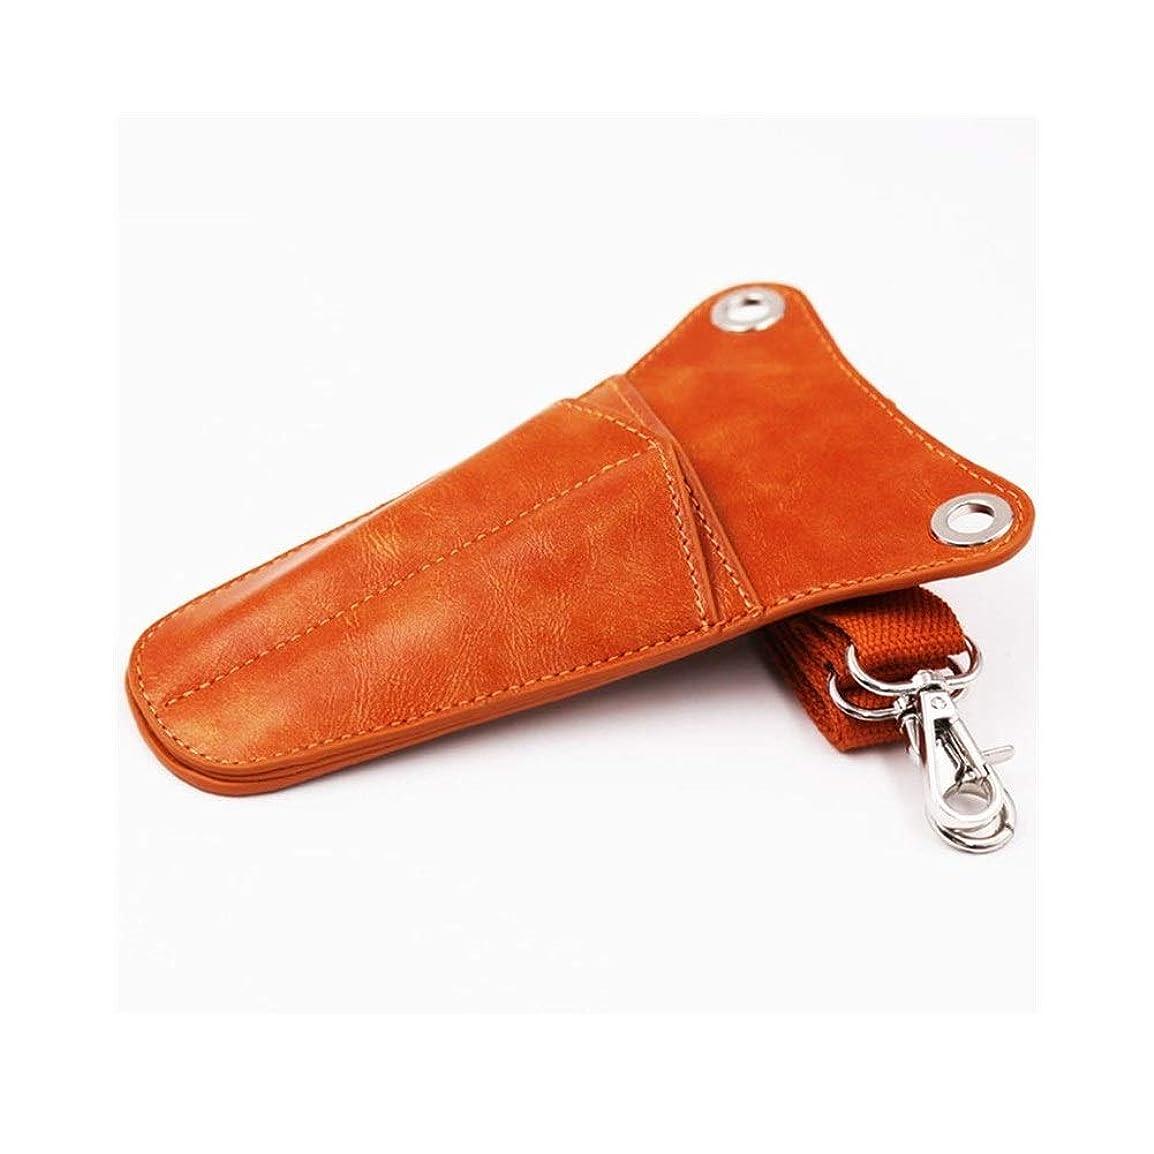 通知洗剤現金JPAKIOS プロのサロン革髪はさみ鋏ホルスターポーチ2ポケット散髪ツールバッグ (色 : オレンジ)